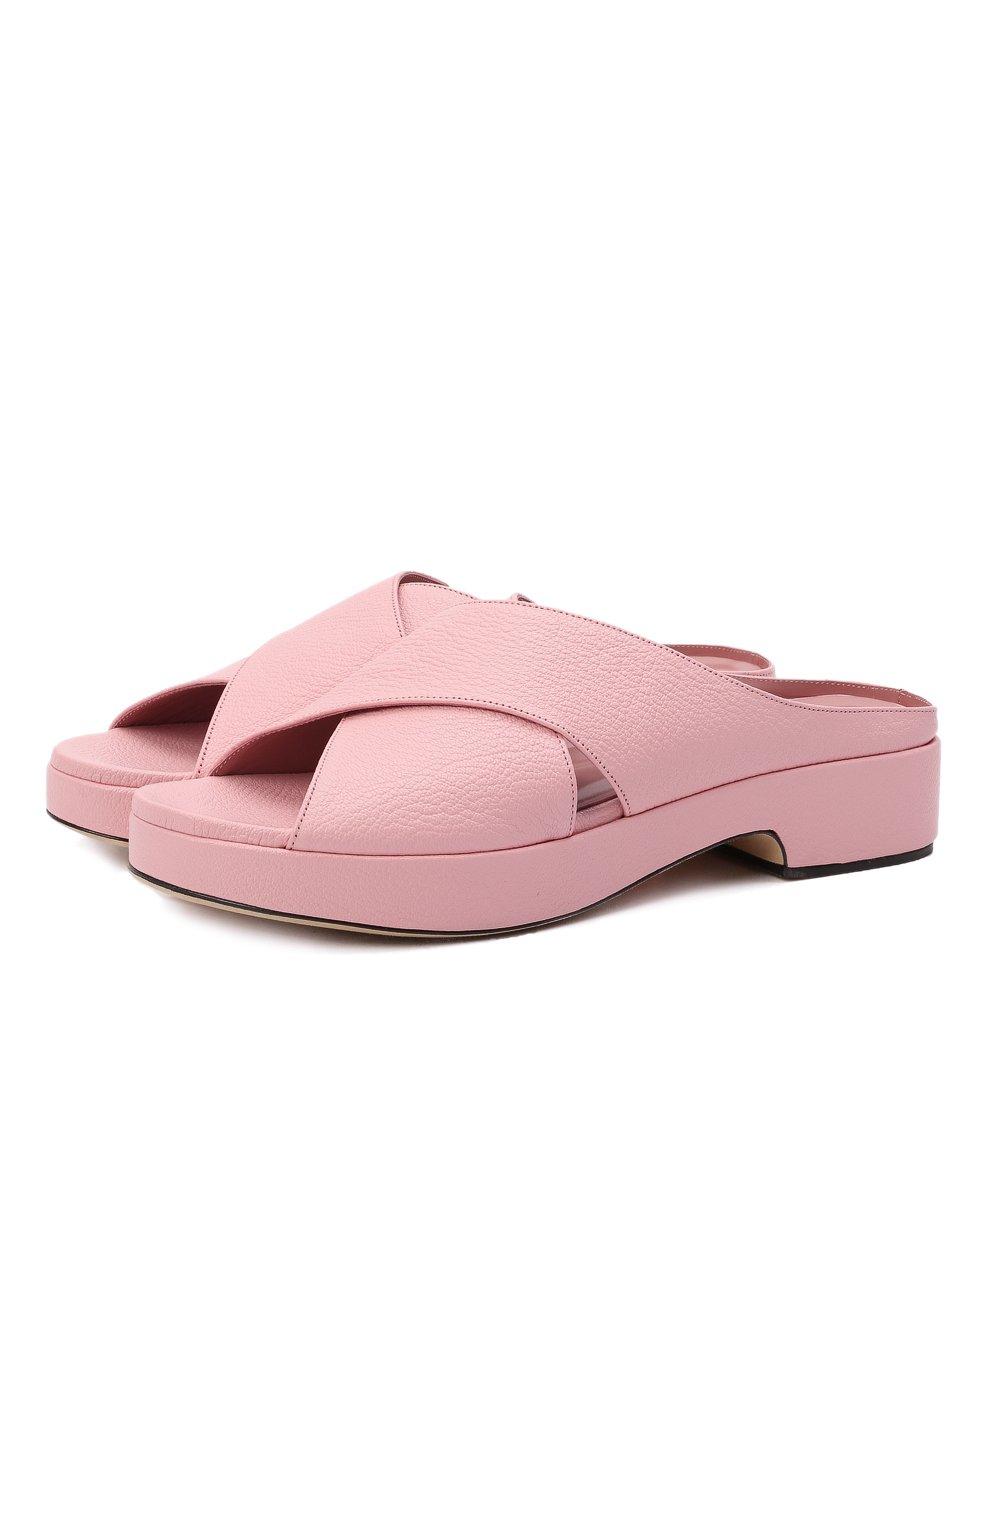 Женские кожаные сабо iggy BY FAR розового цвета, арт. 21CRIGSP0GRL | Фото 1 (Подошва: Платформа; Каблук высота: Низкий; Материал внутренний: Натуральная кожа)